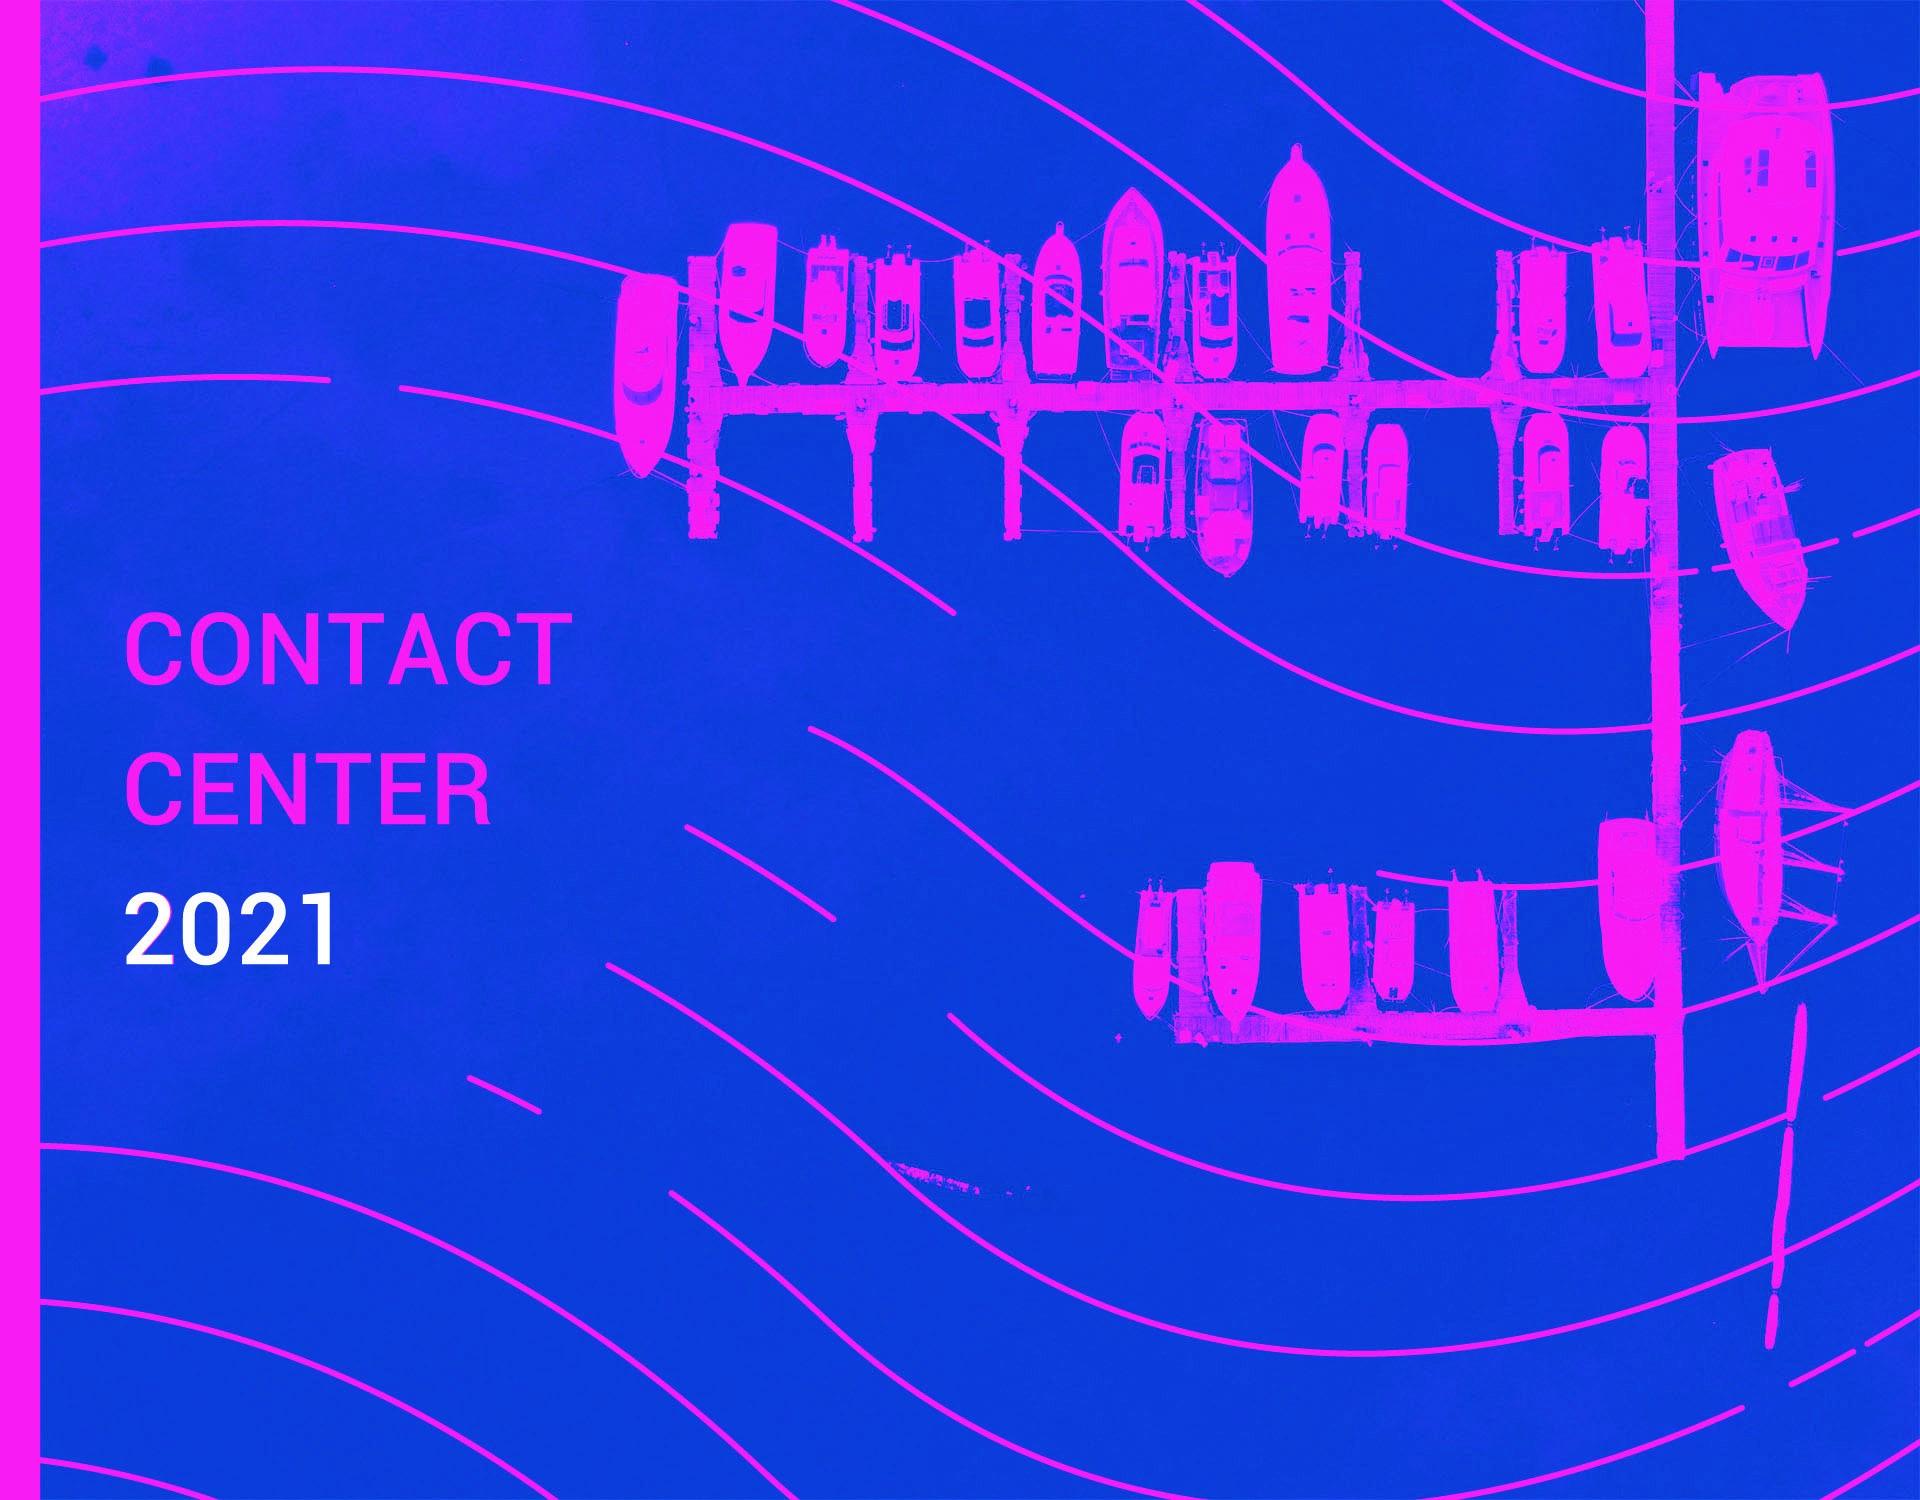 Rapporto Contact Center Bancari 2021 - Contact Center: un porto sicuro per il cliente